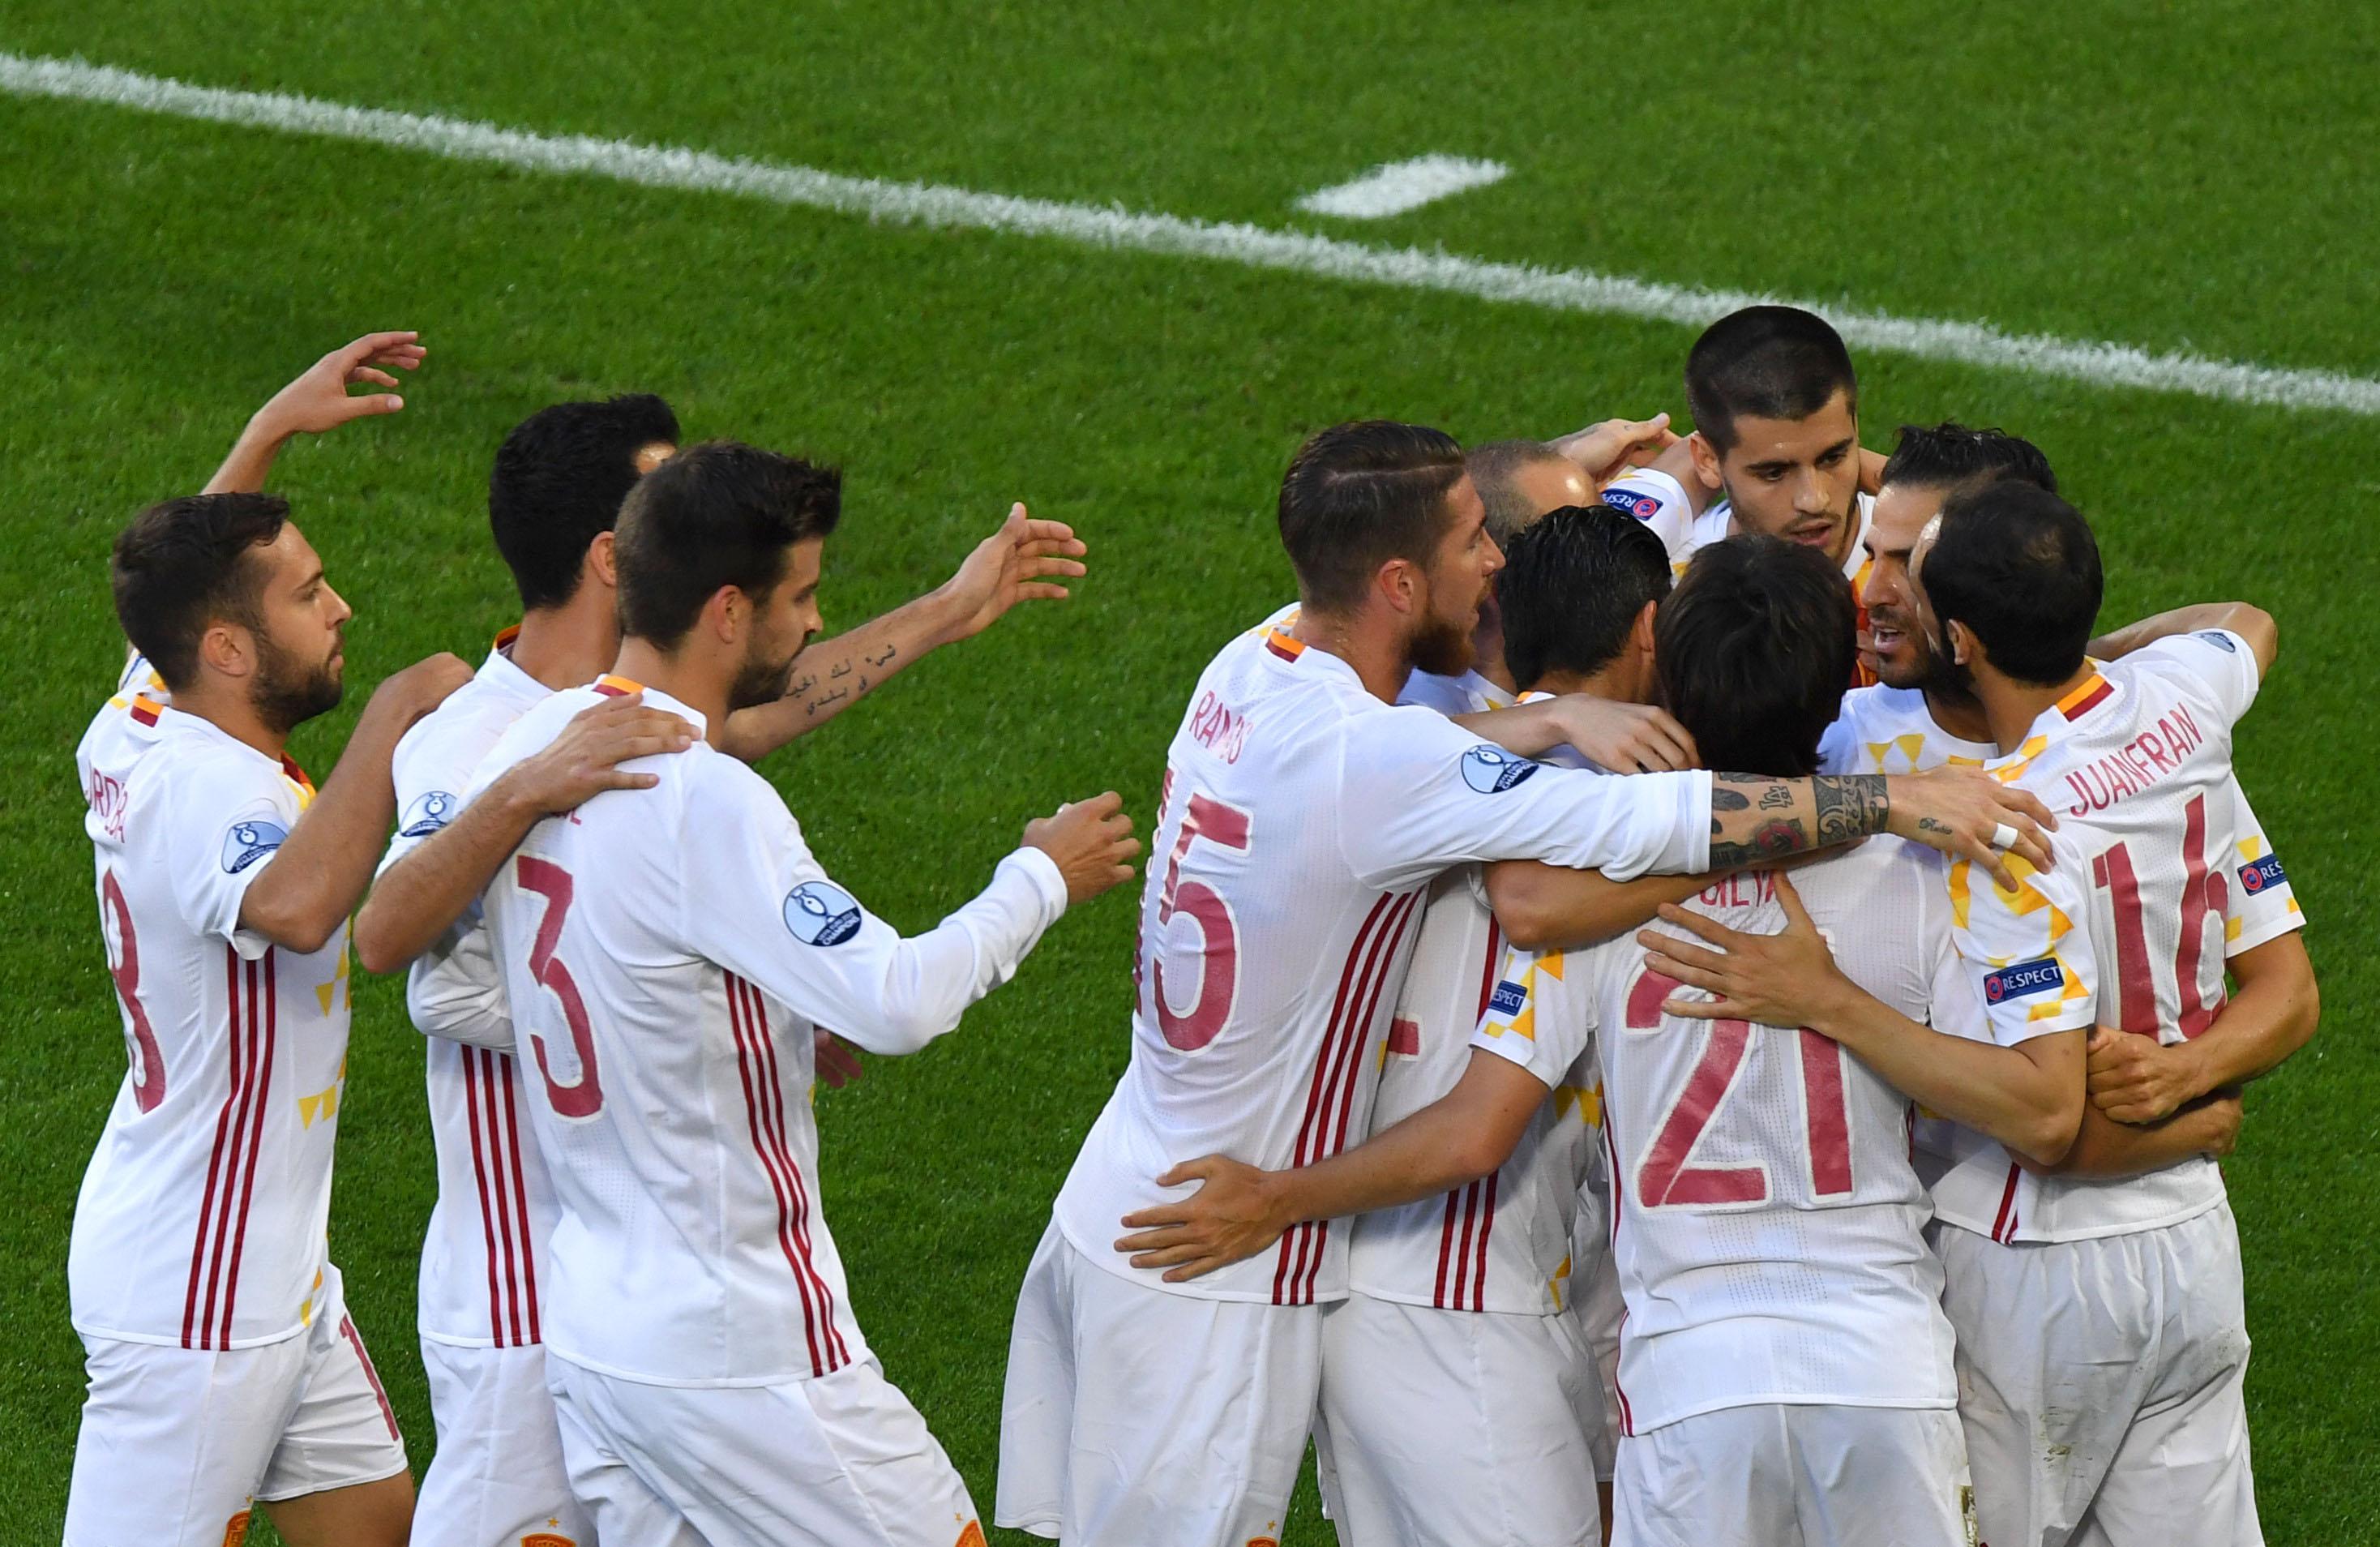 Croatie-Espagne (2-1) : Les notes